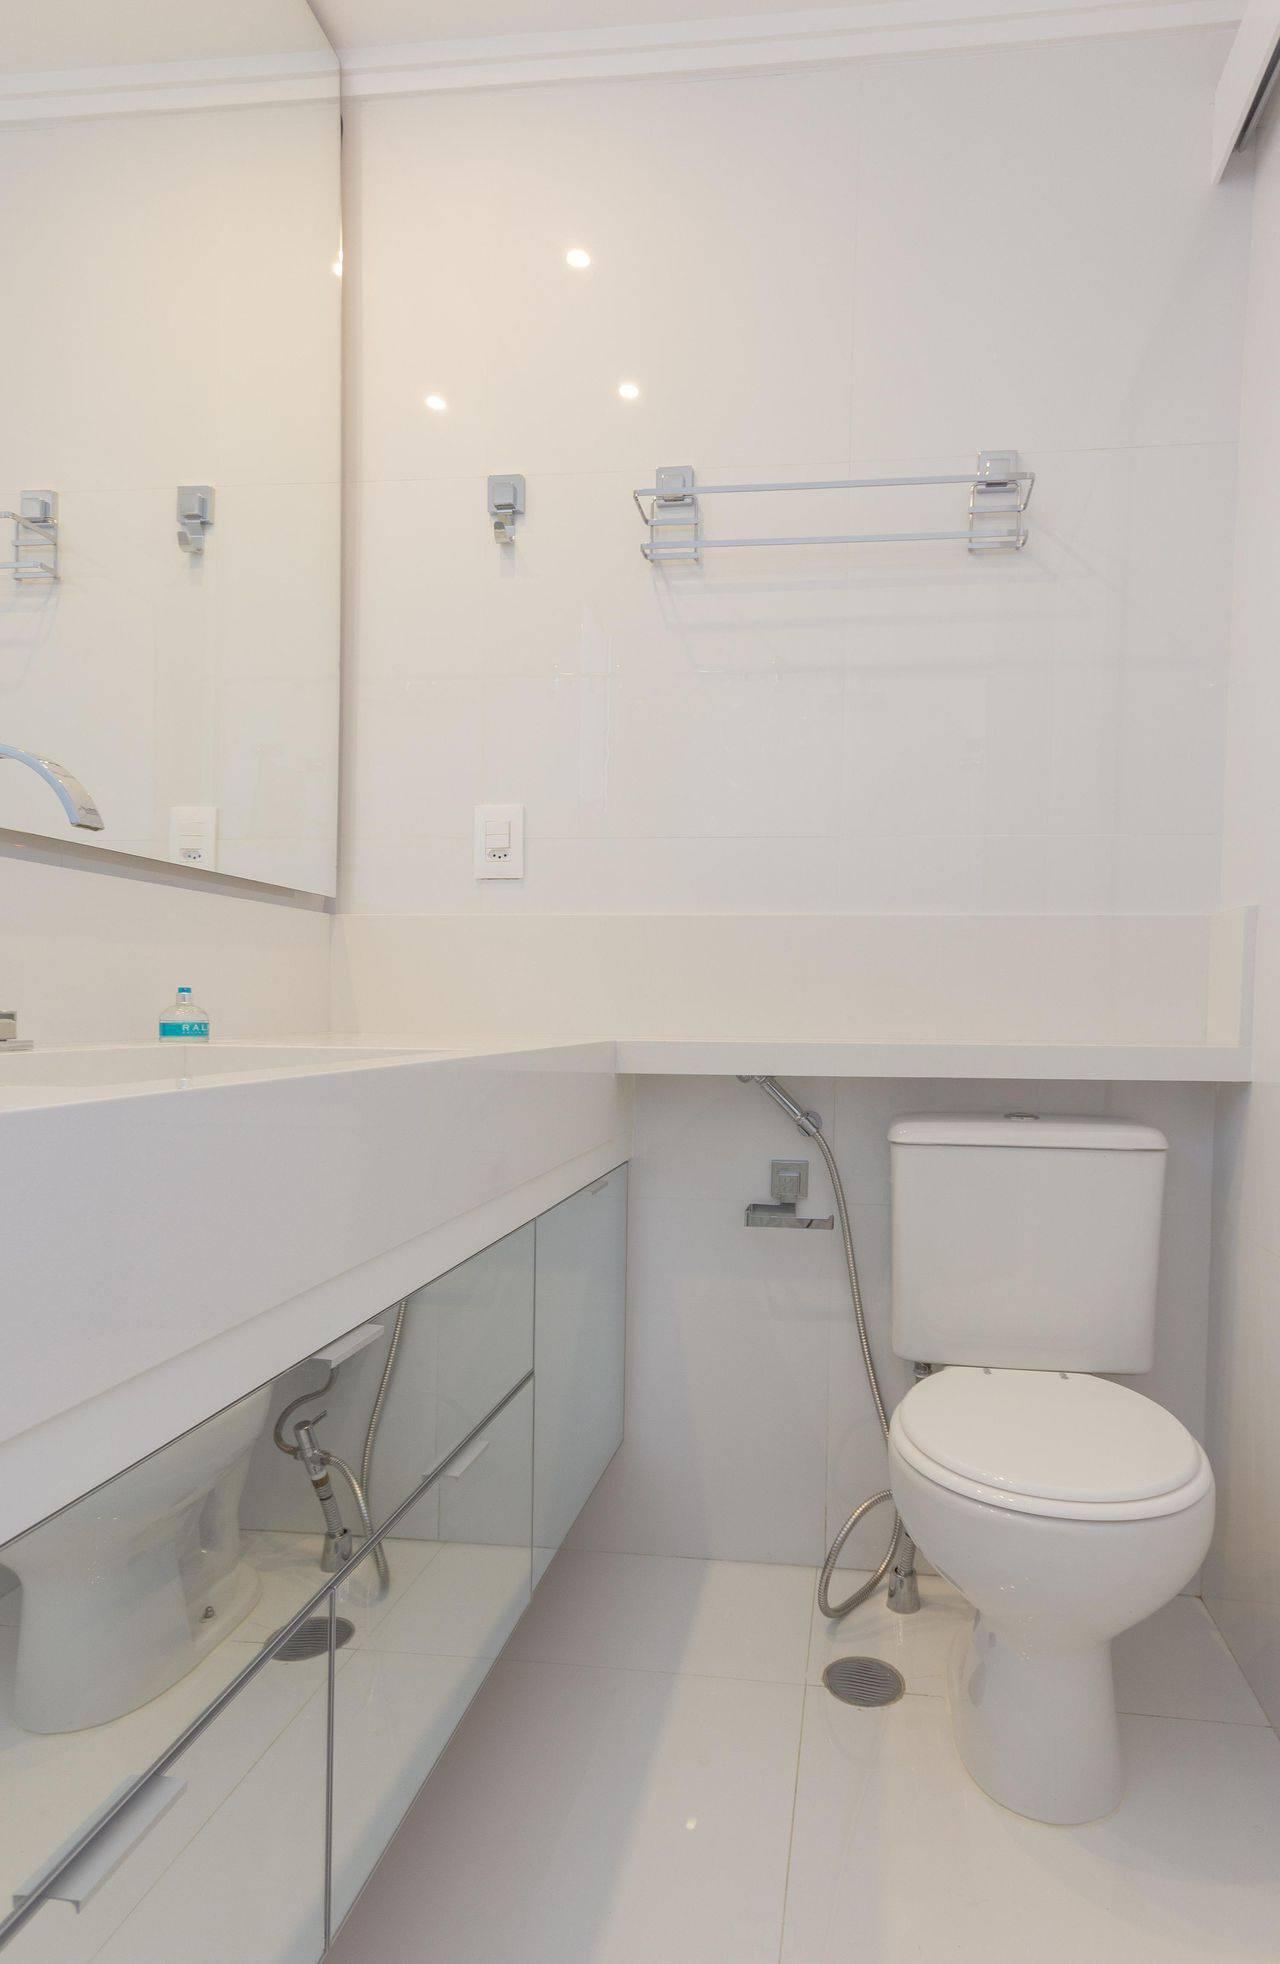 vaso sanitario banheiro elen saravalli 43022